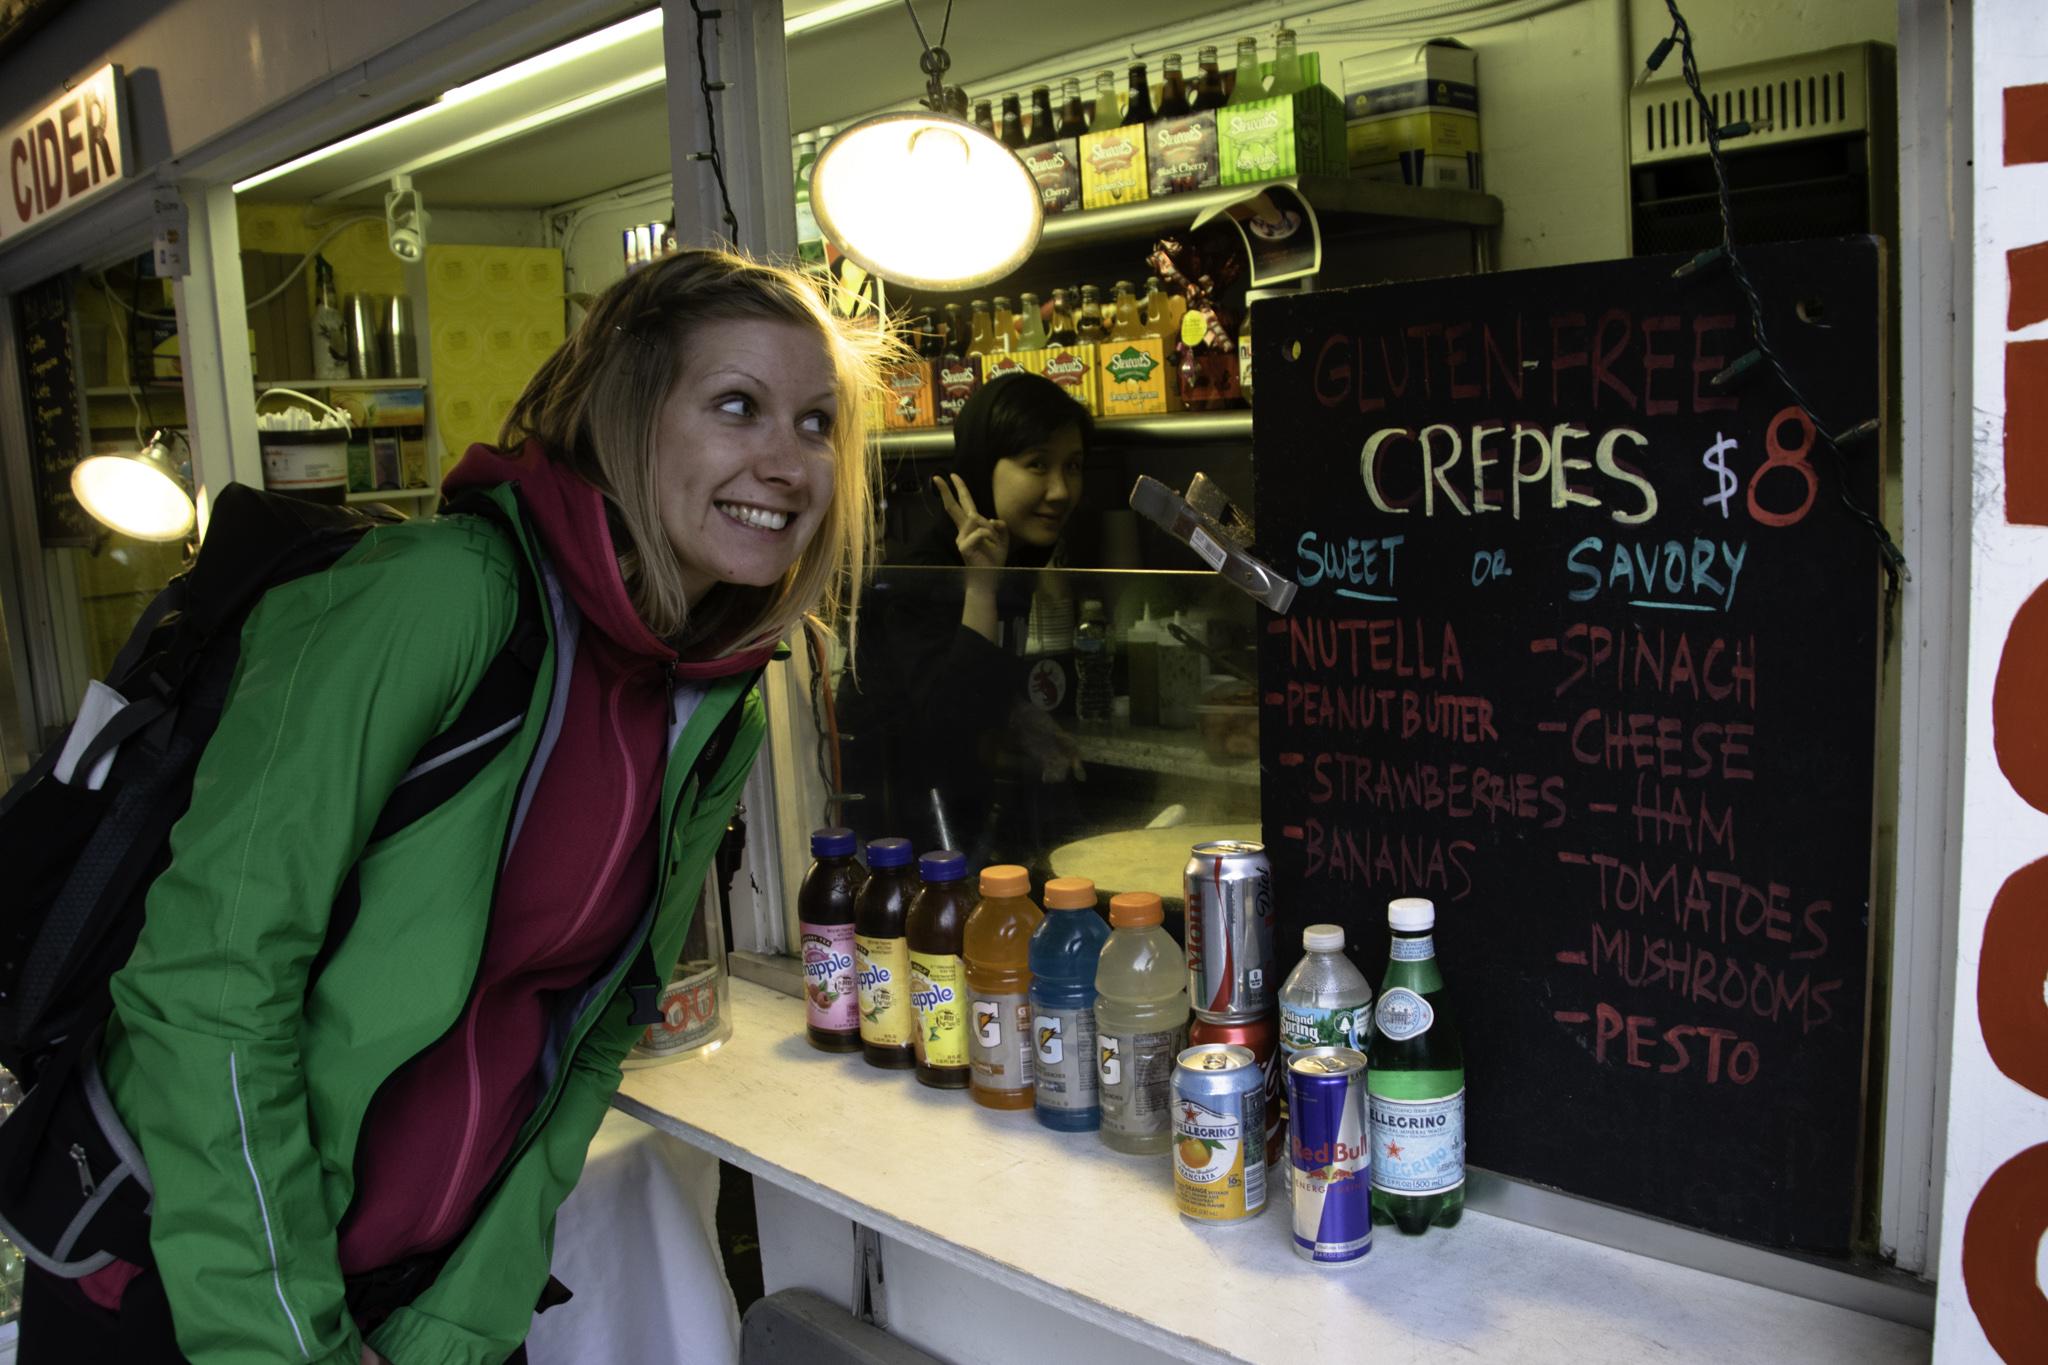 Glutenfreie Crèpes für Miriam